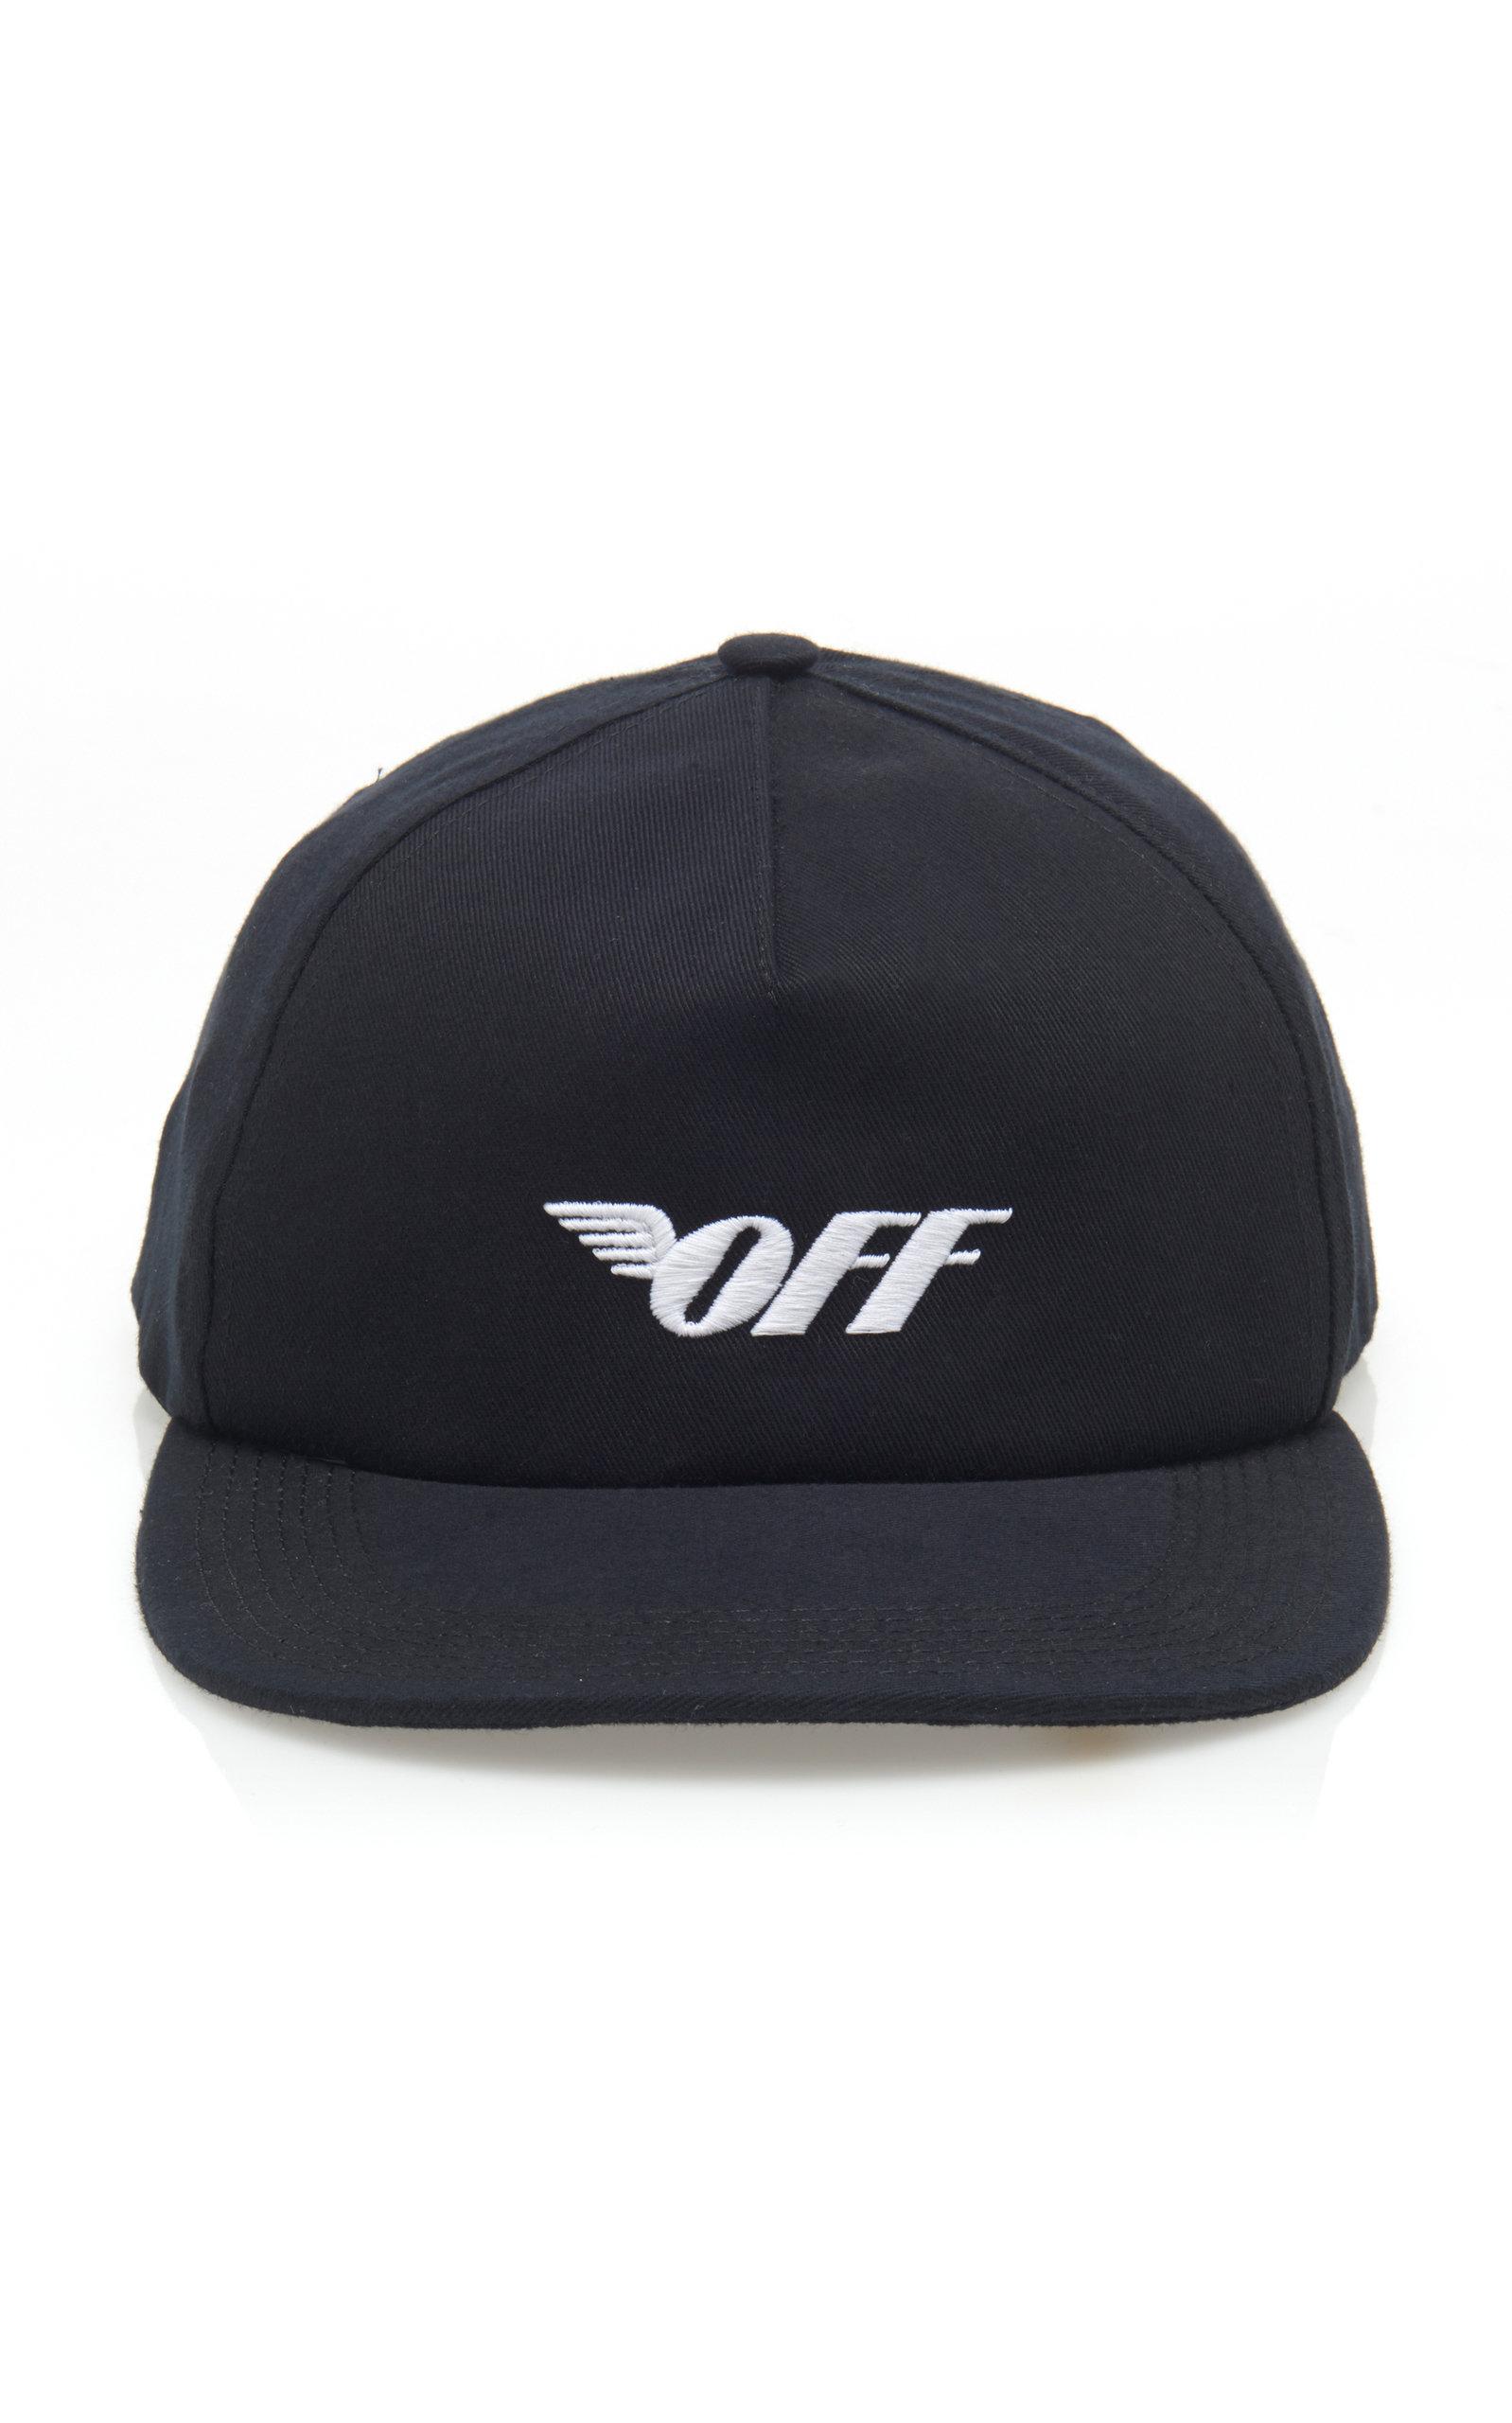 OFF WINGS BASEBALL CAP